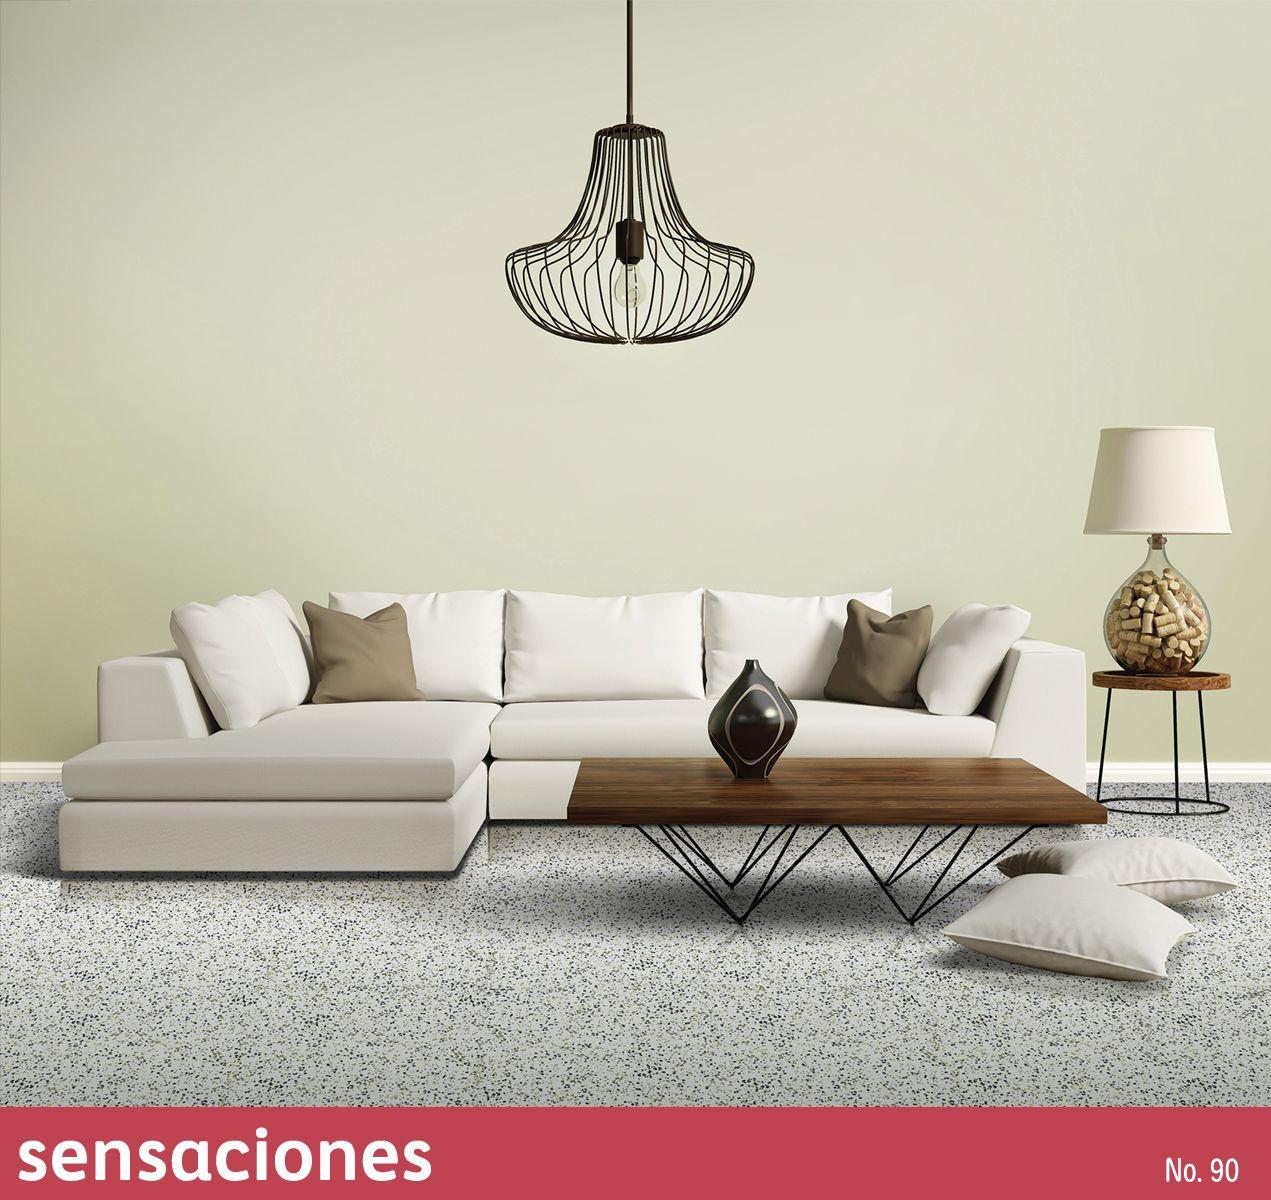 Pin de comex en sensaciones pintura para pisos de concreto pisos y sensaciones Pintura para piso de cemento comex